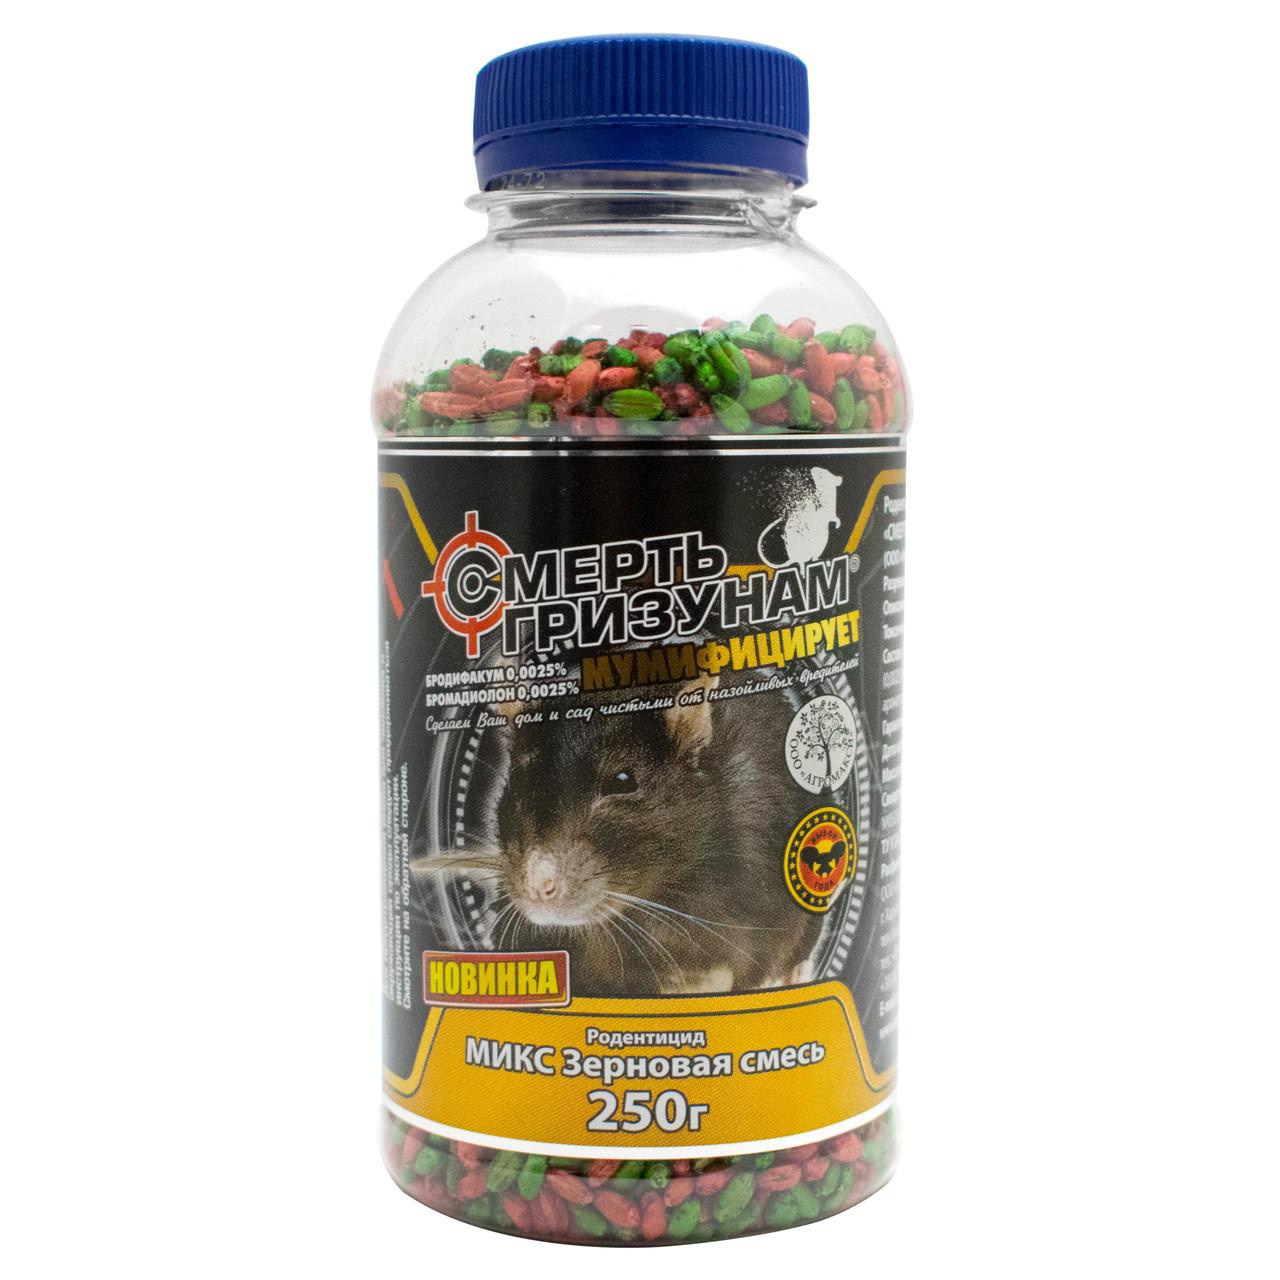 Зерно от крыс и мышей Смерть грызунам микс 250 г